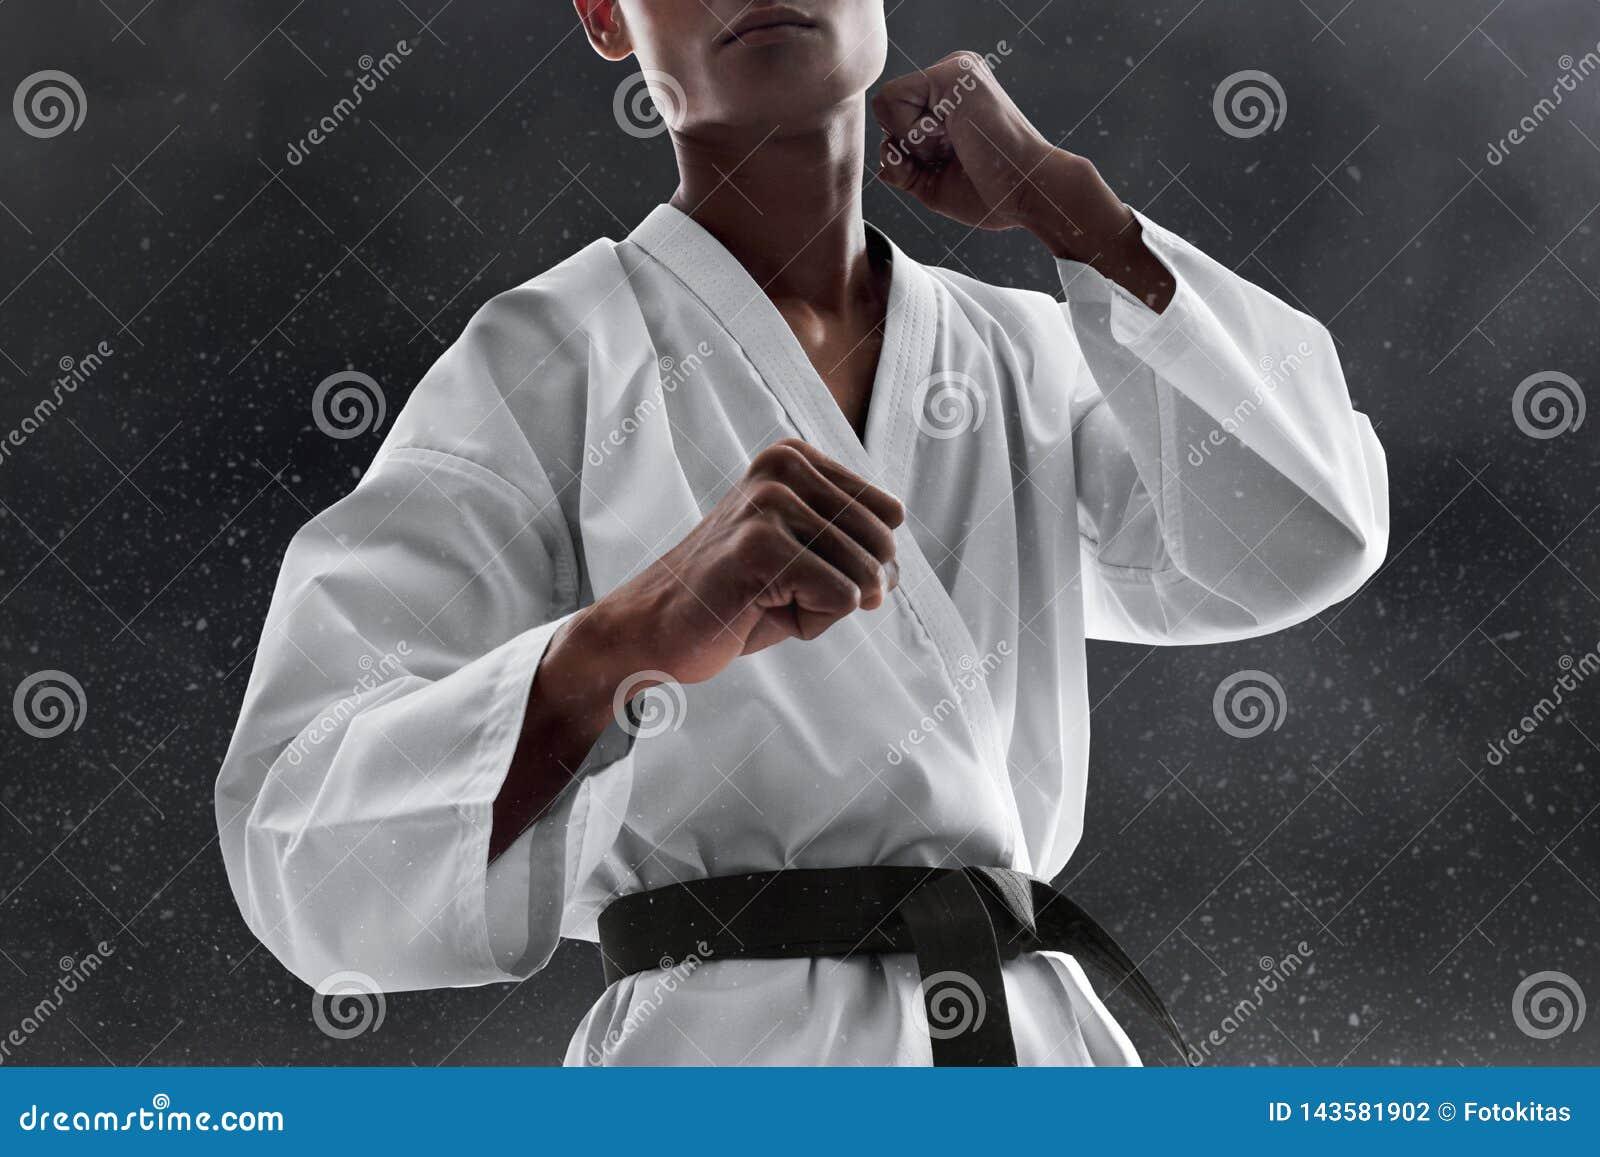 Actitud que lucha del combatiente del arte marcial